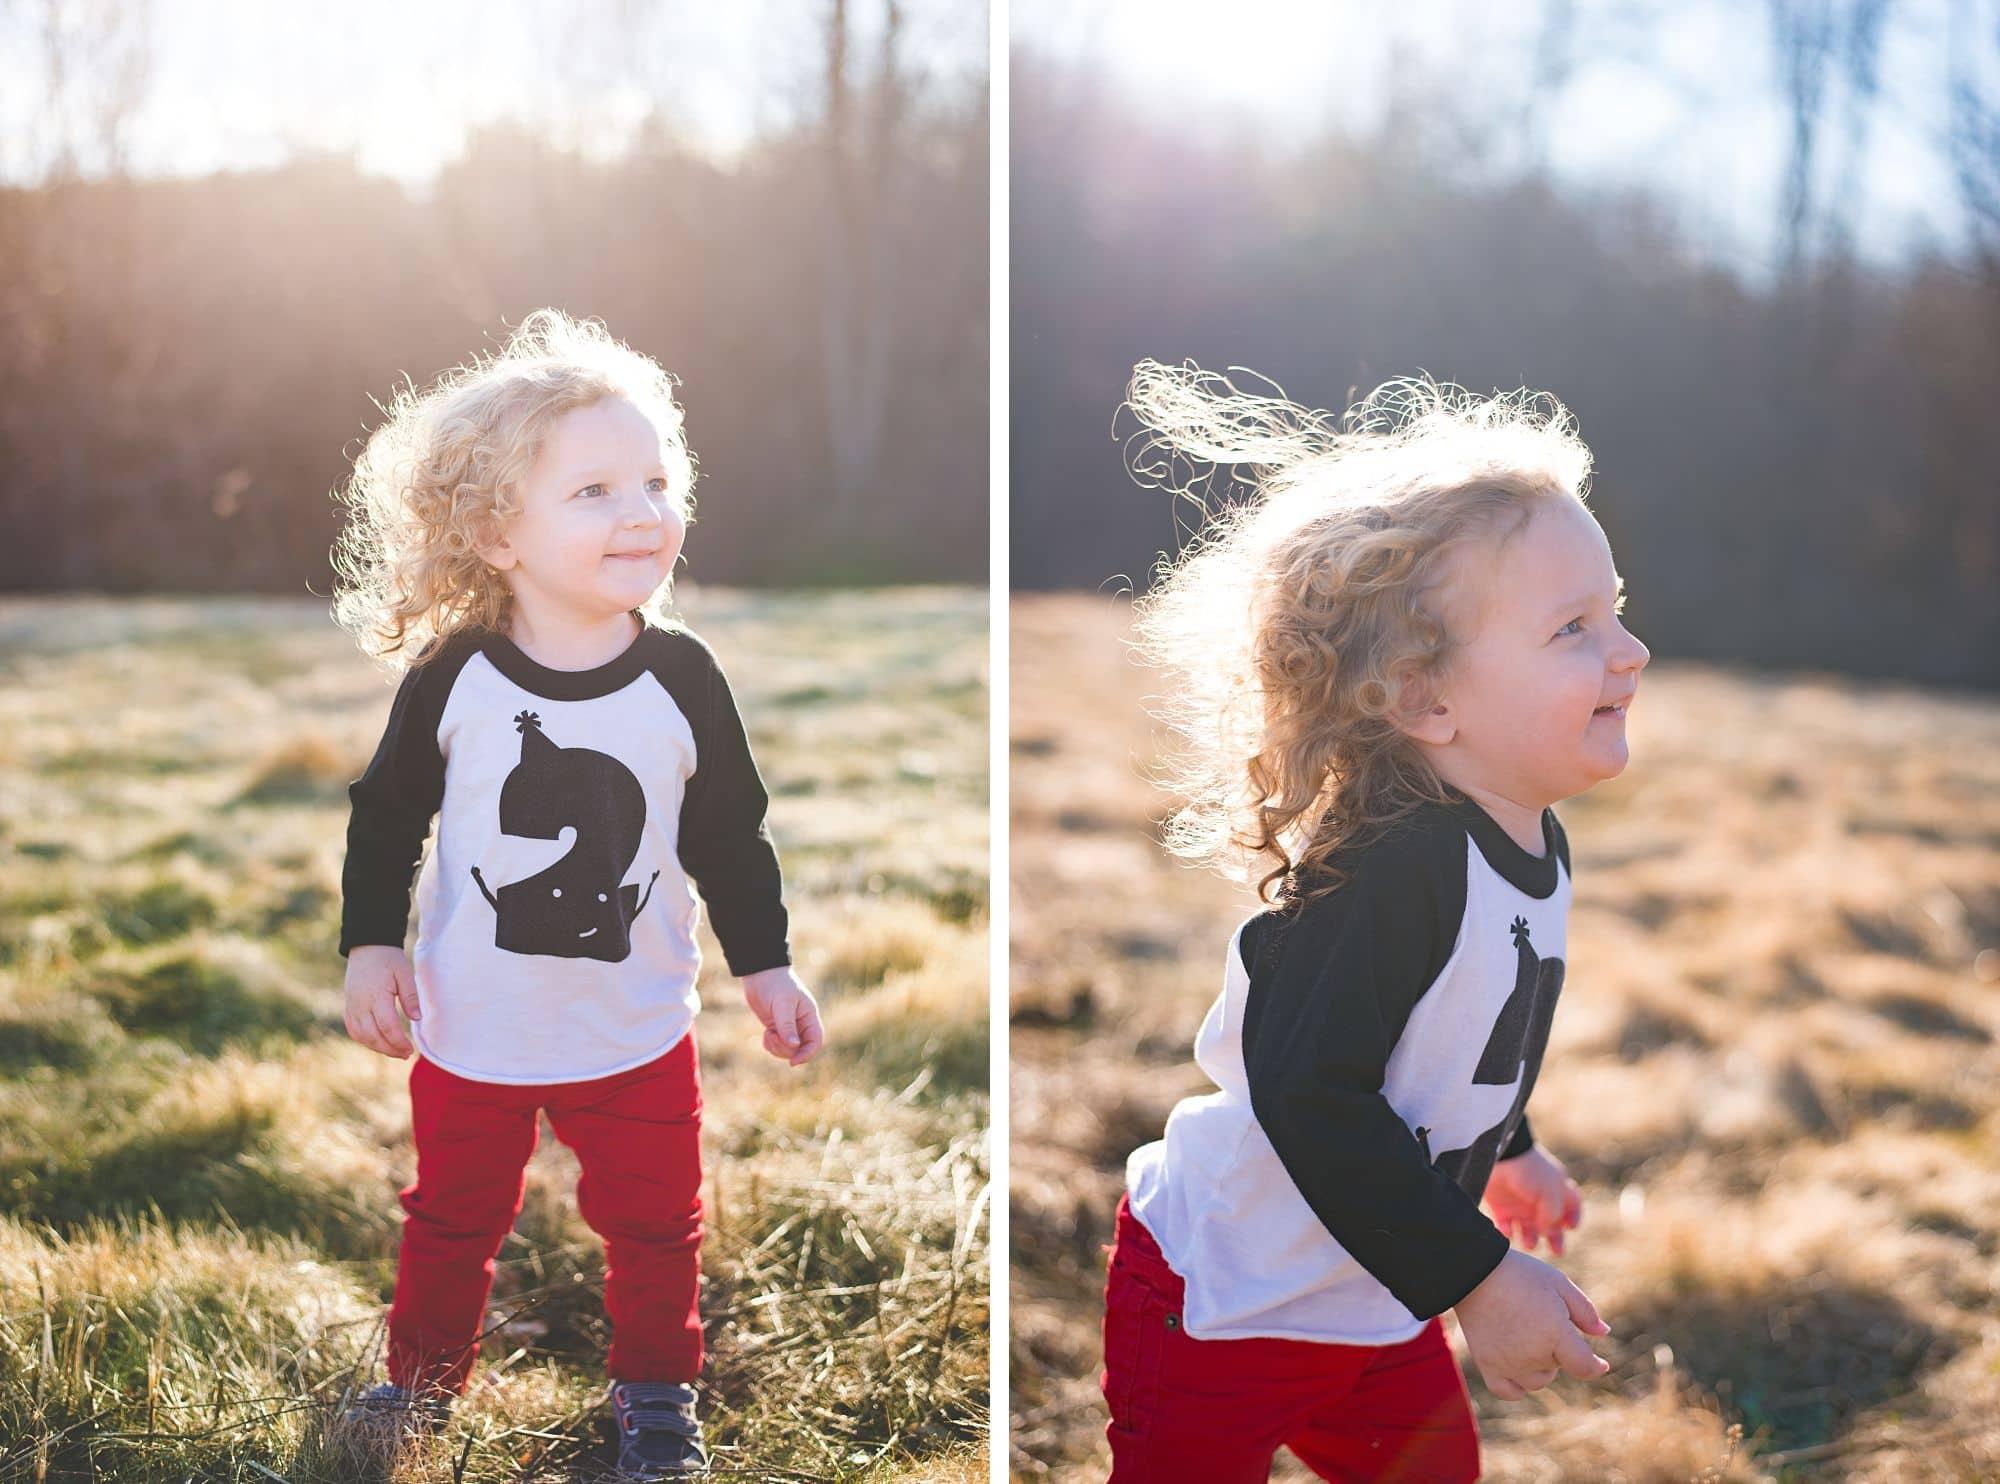 Joyful little boy dances in the sunlight